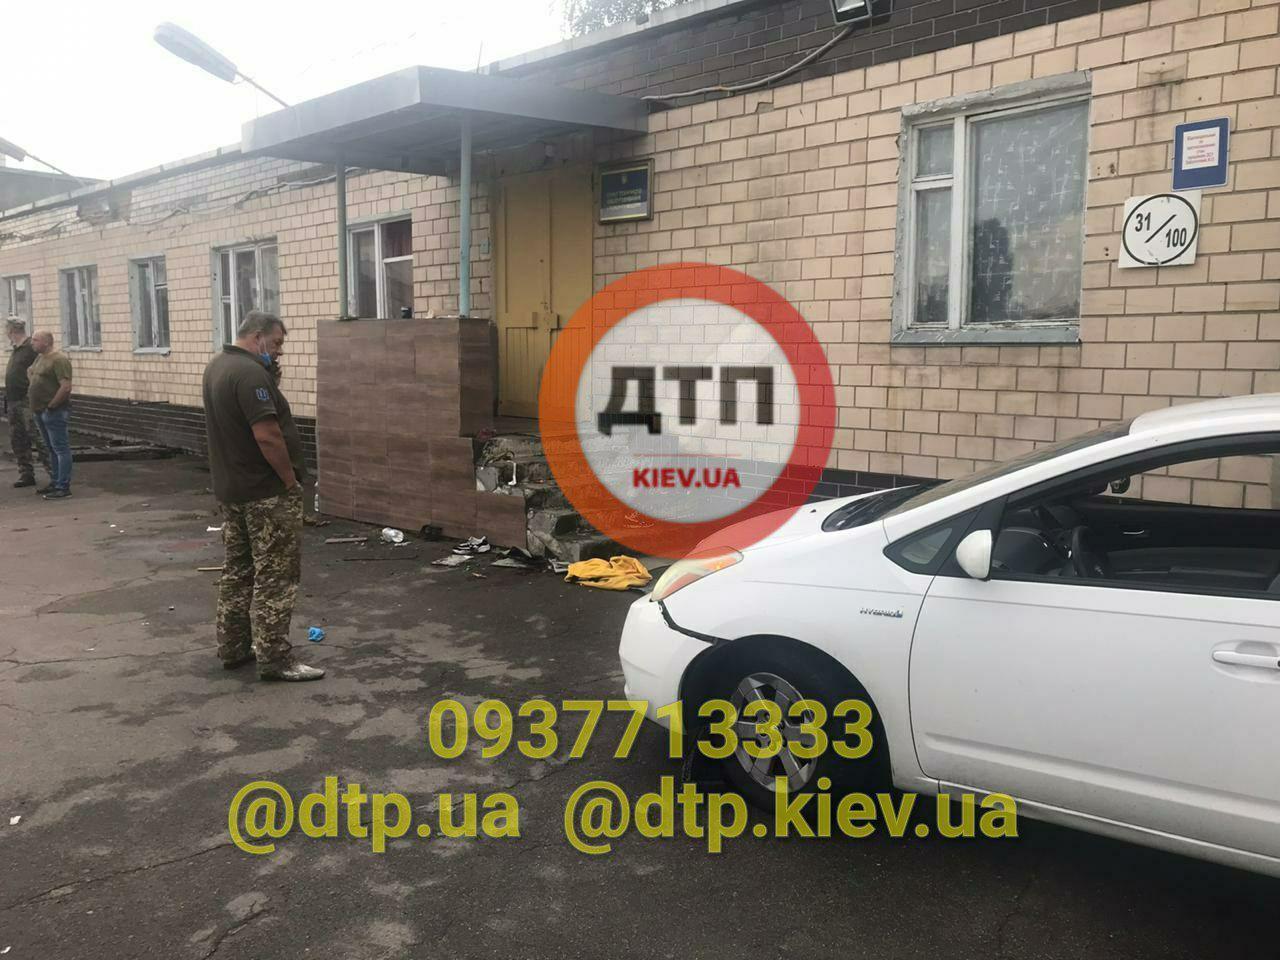 Приїхали за формою: у Києві п'яний майор збив трьох курсанток військового вишу (18+)